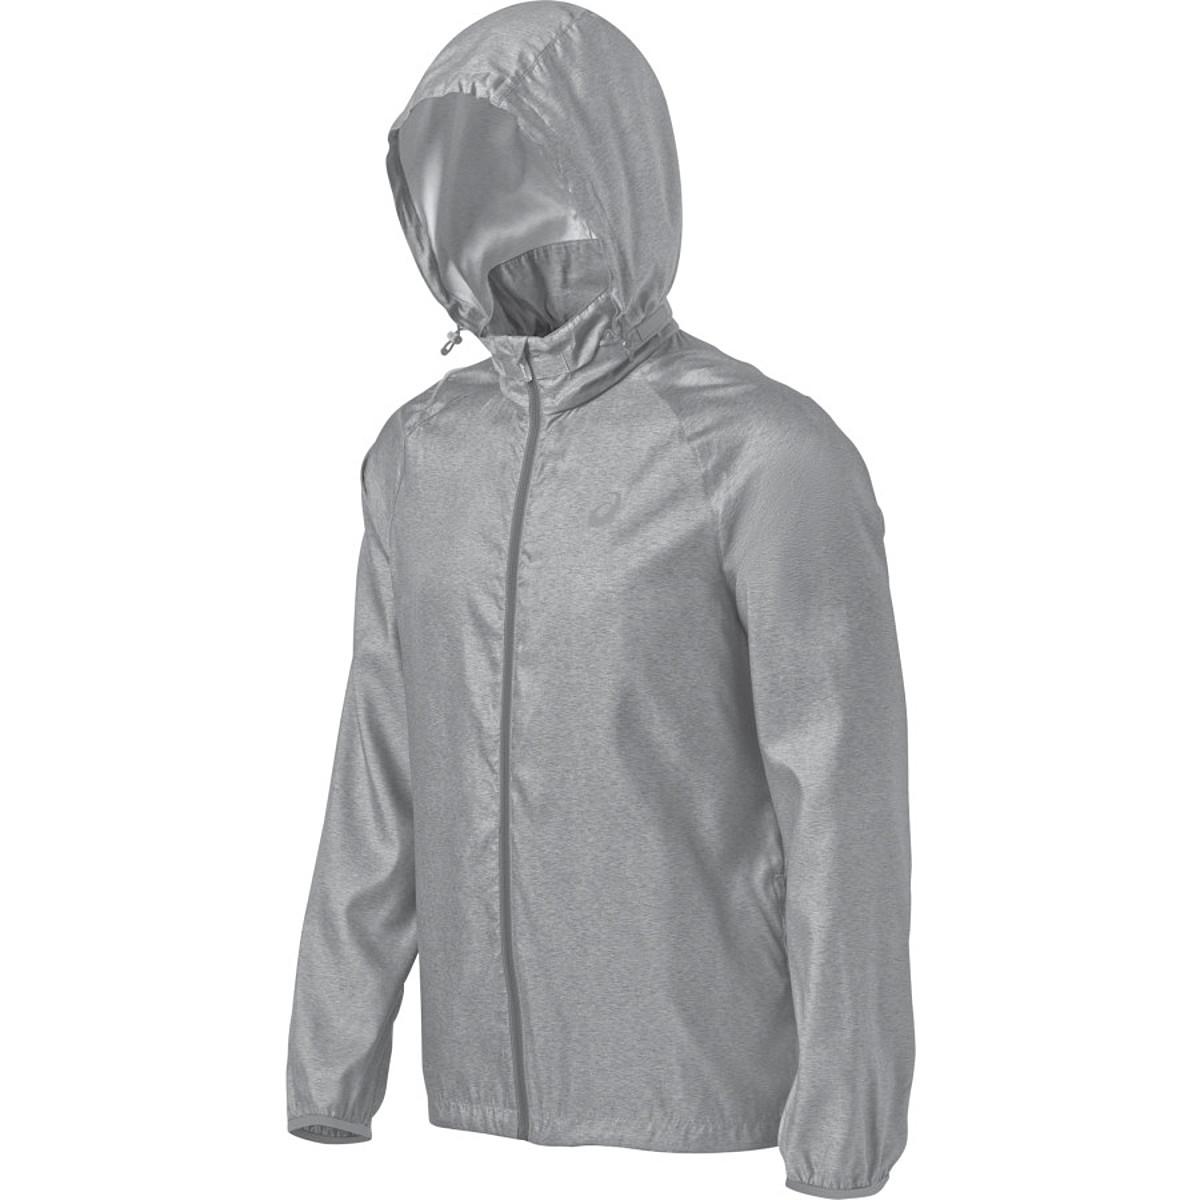 Asics Electro Jacket